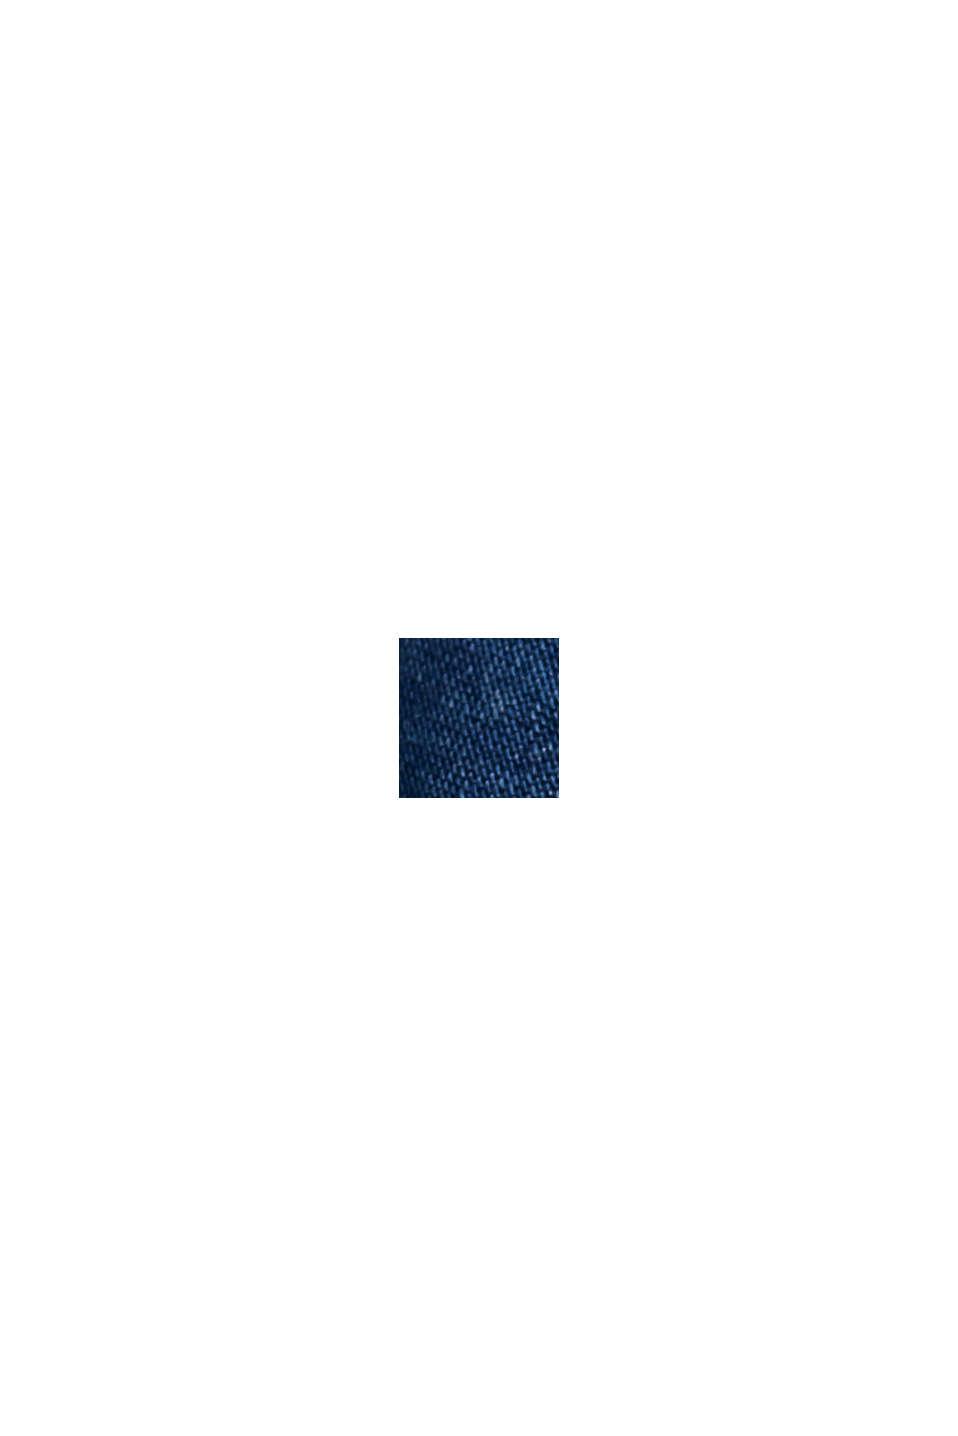 Aus TENCEL™: Kleid in Denim-Optik mit Gürtel, BLUE MEDIUM WASHED, swatch